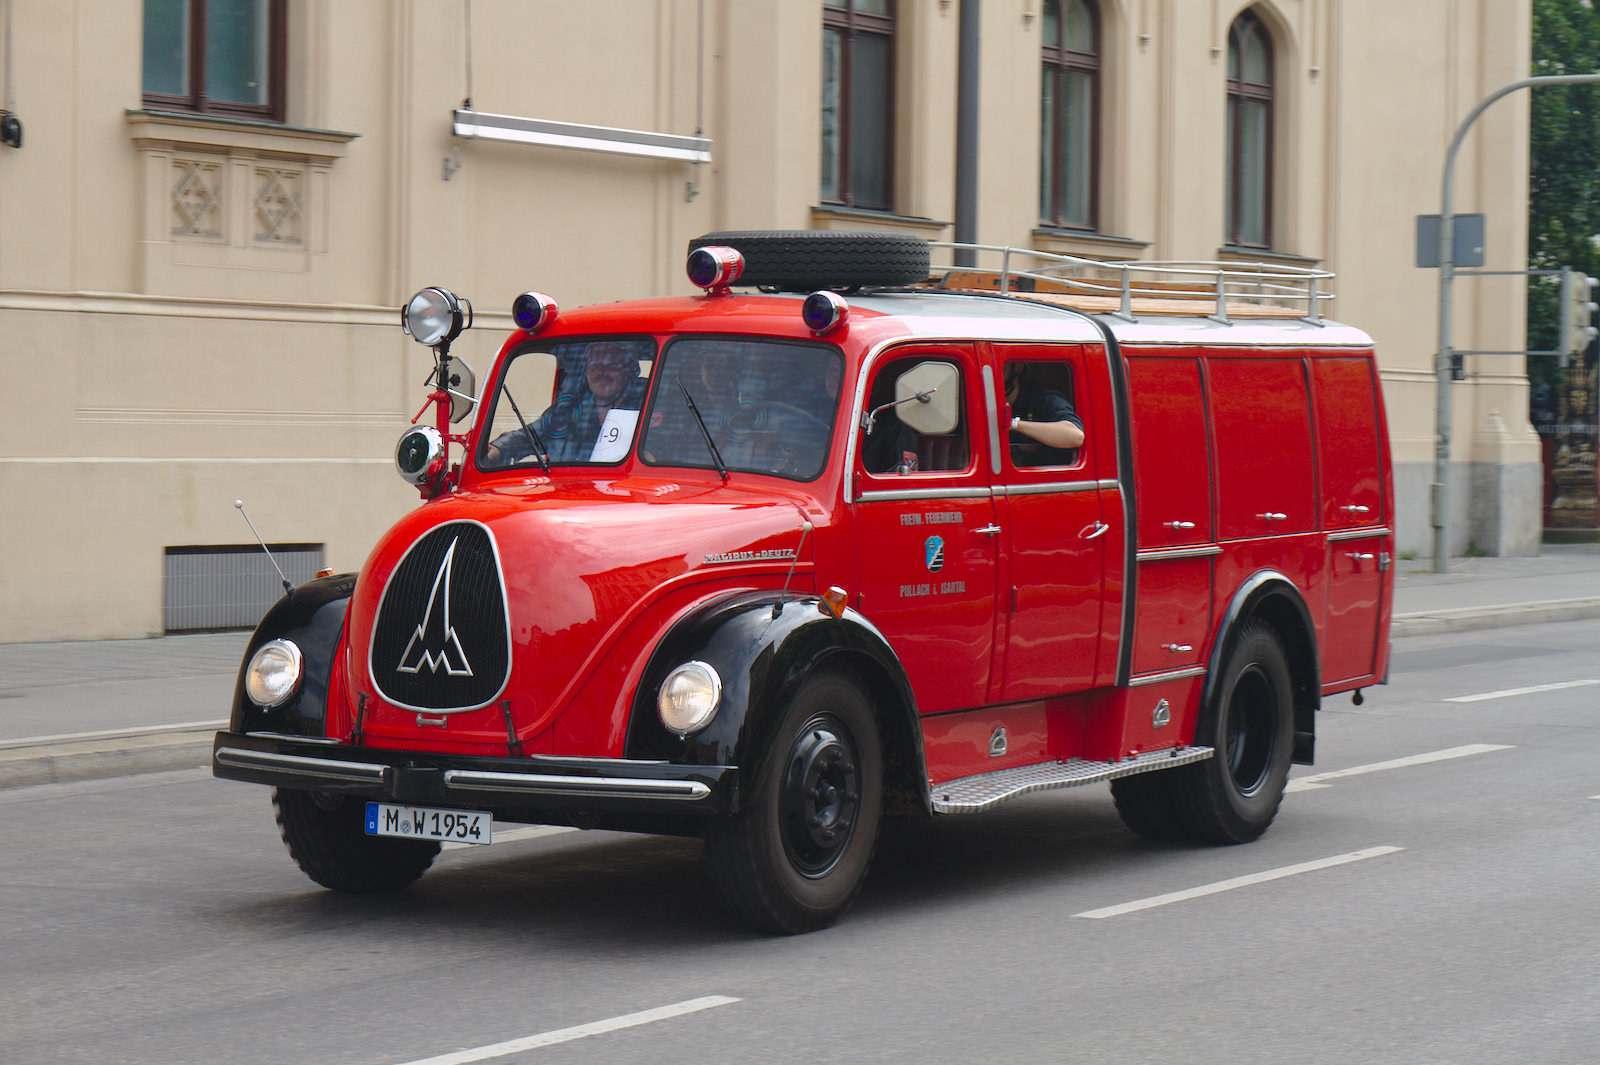 volunteer fire department8 150 Years Volunteer Fire Department in Munich